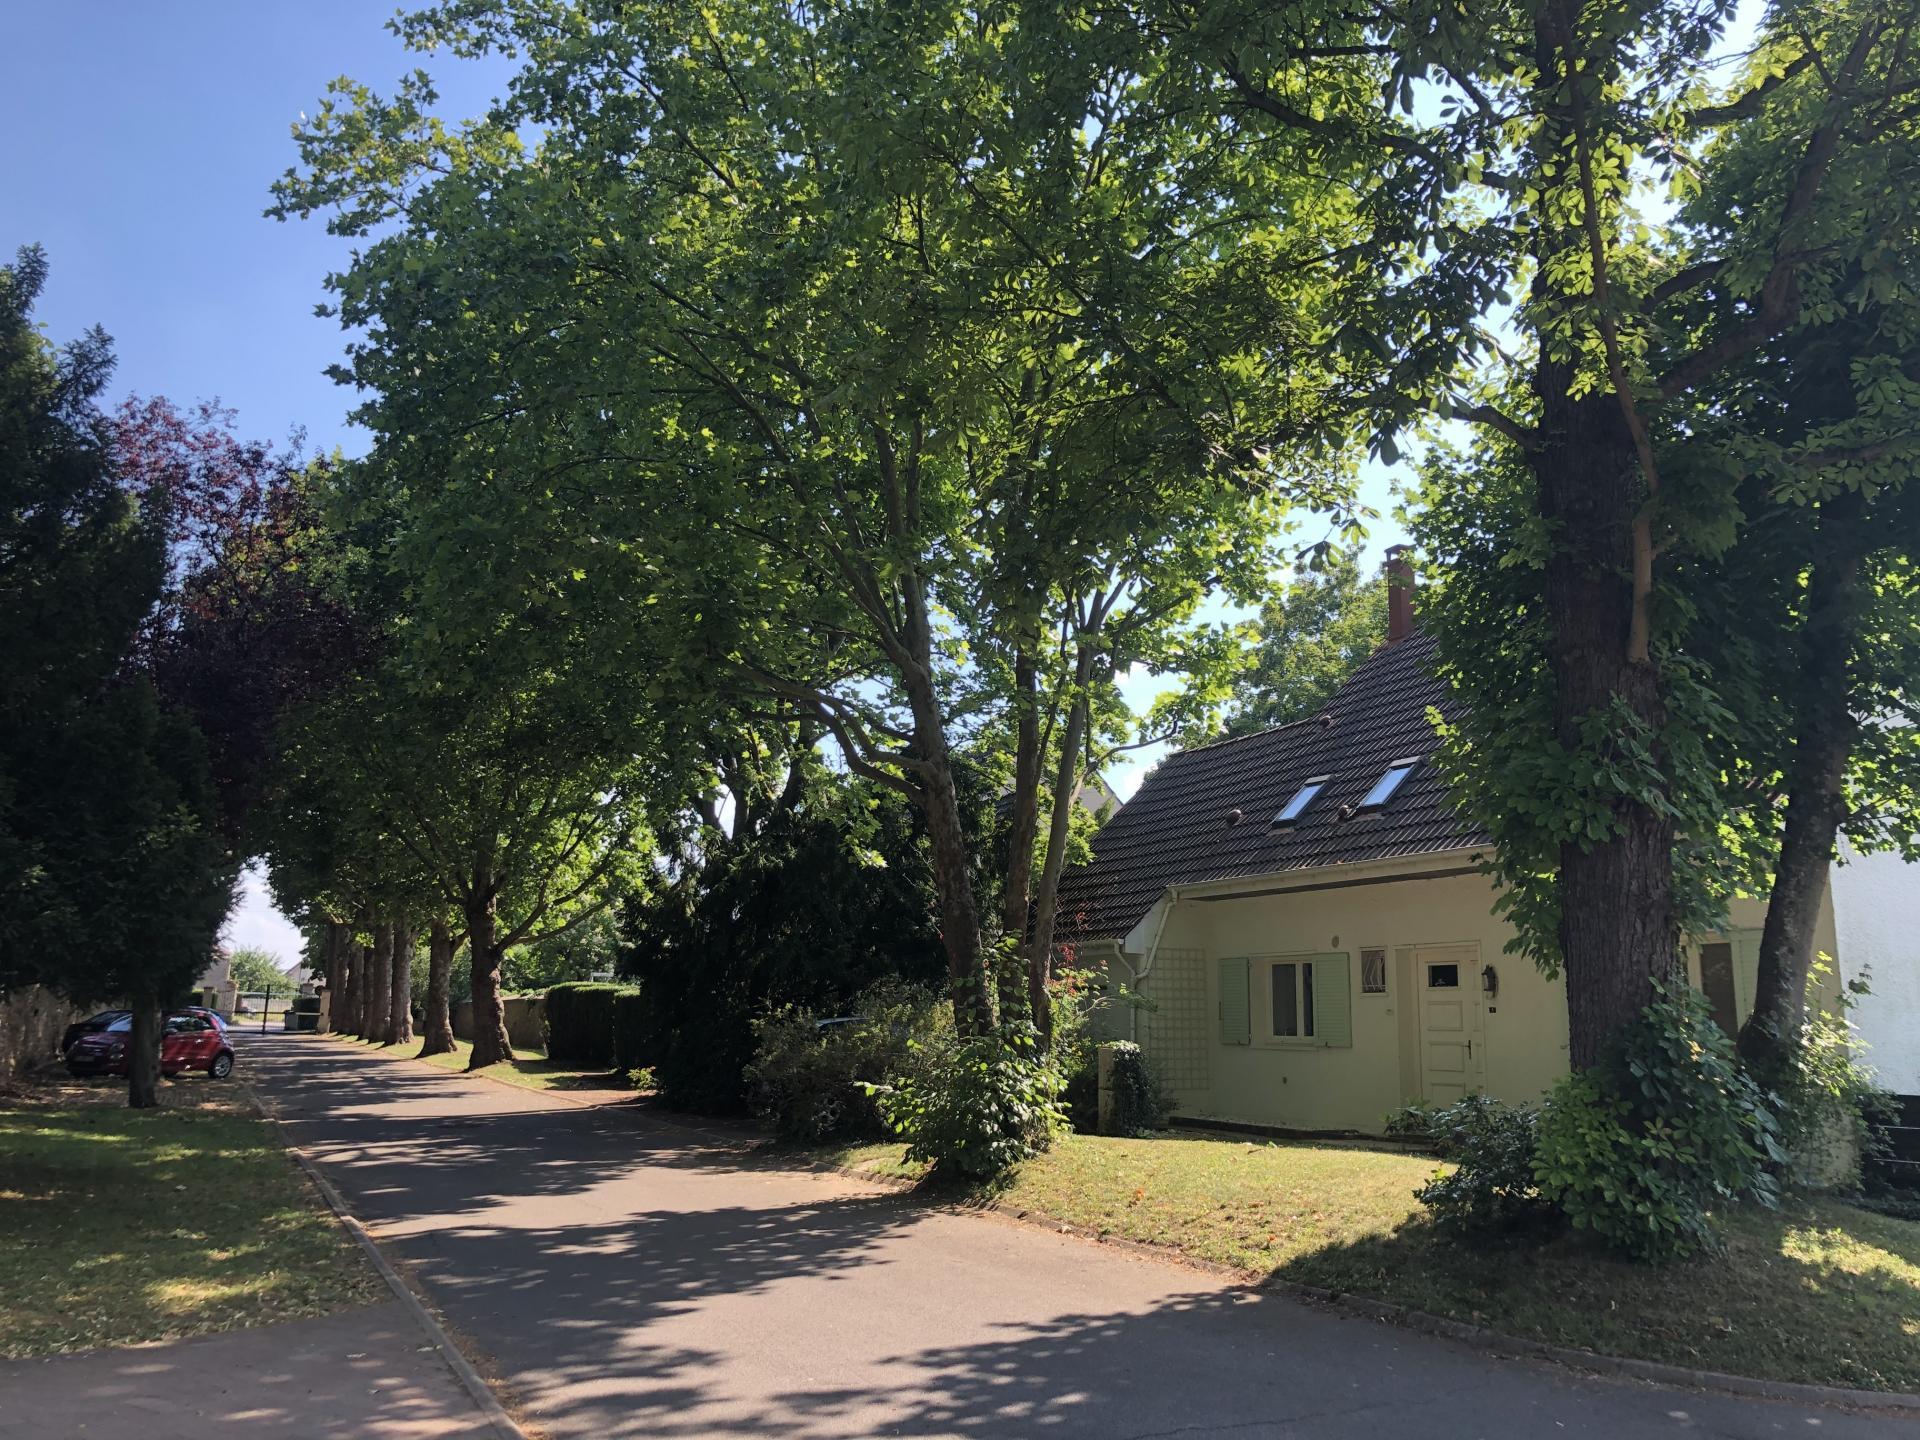 Maison individuelle à moins de 30 minutes de Paris à Brunoy (91800) dans un cadre privilégié